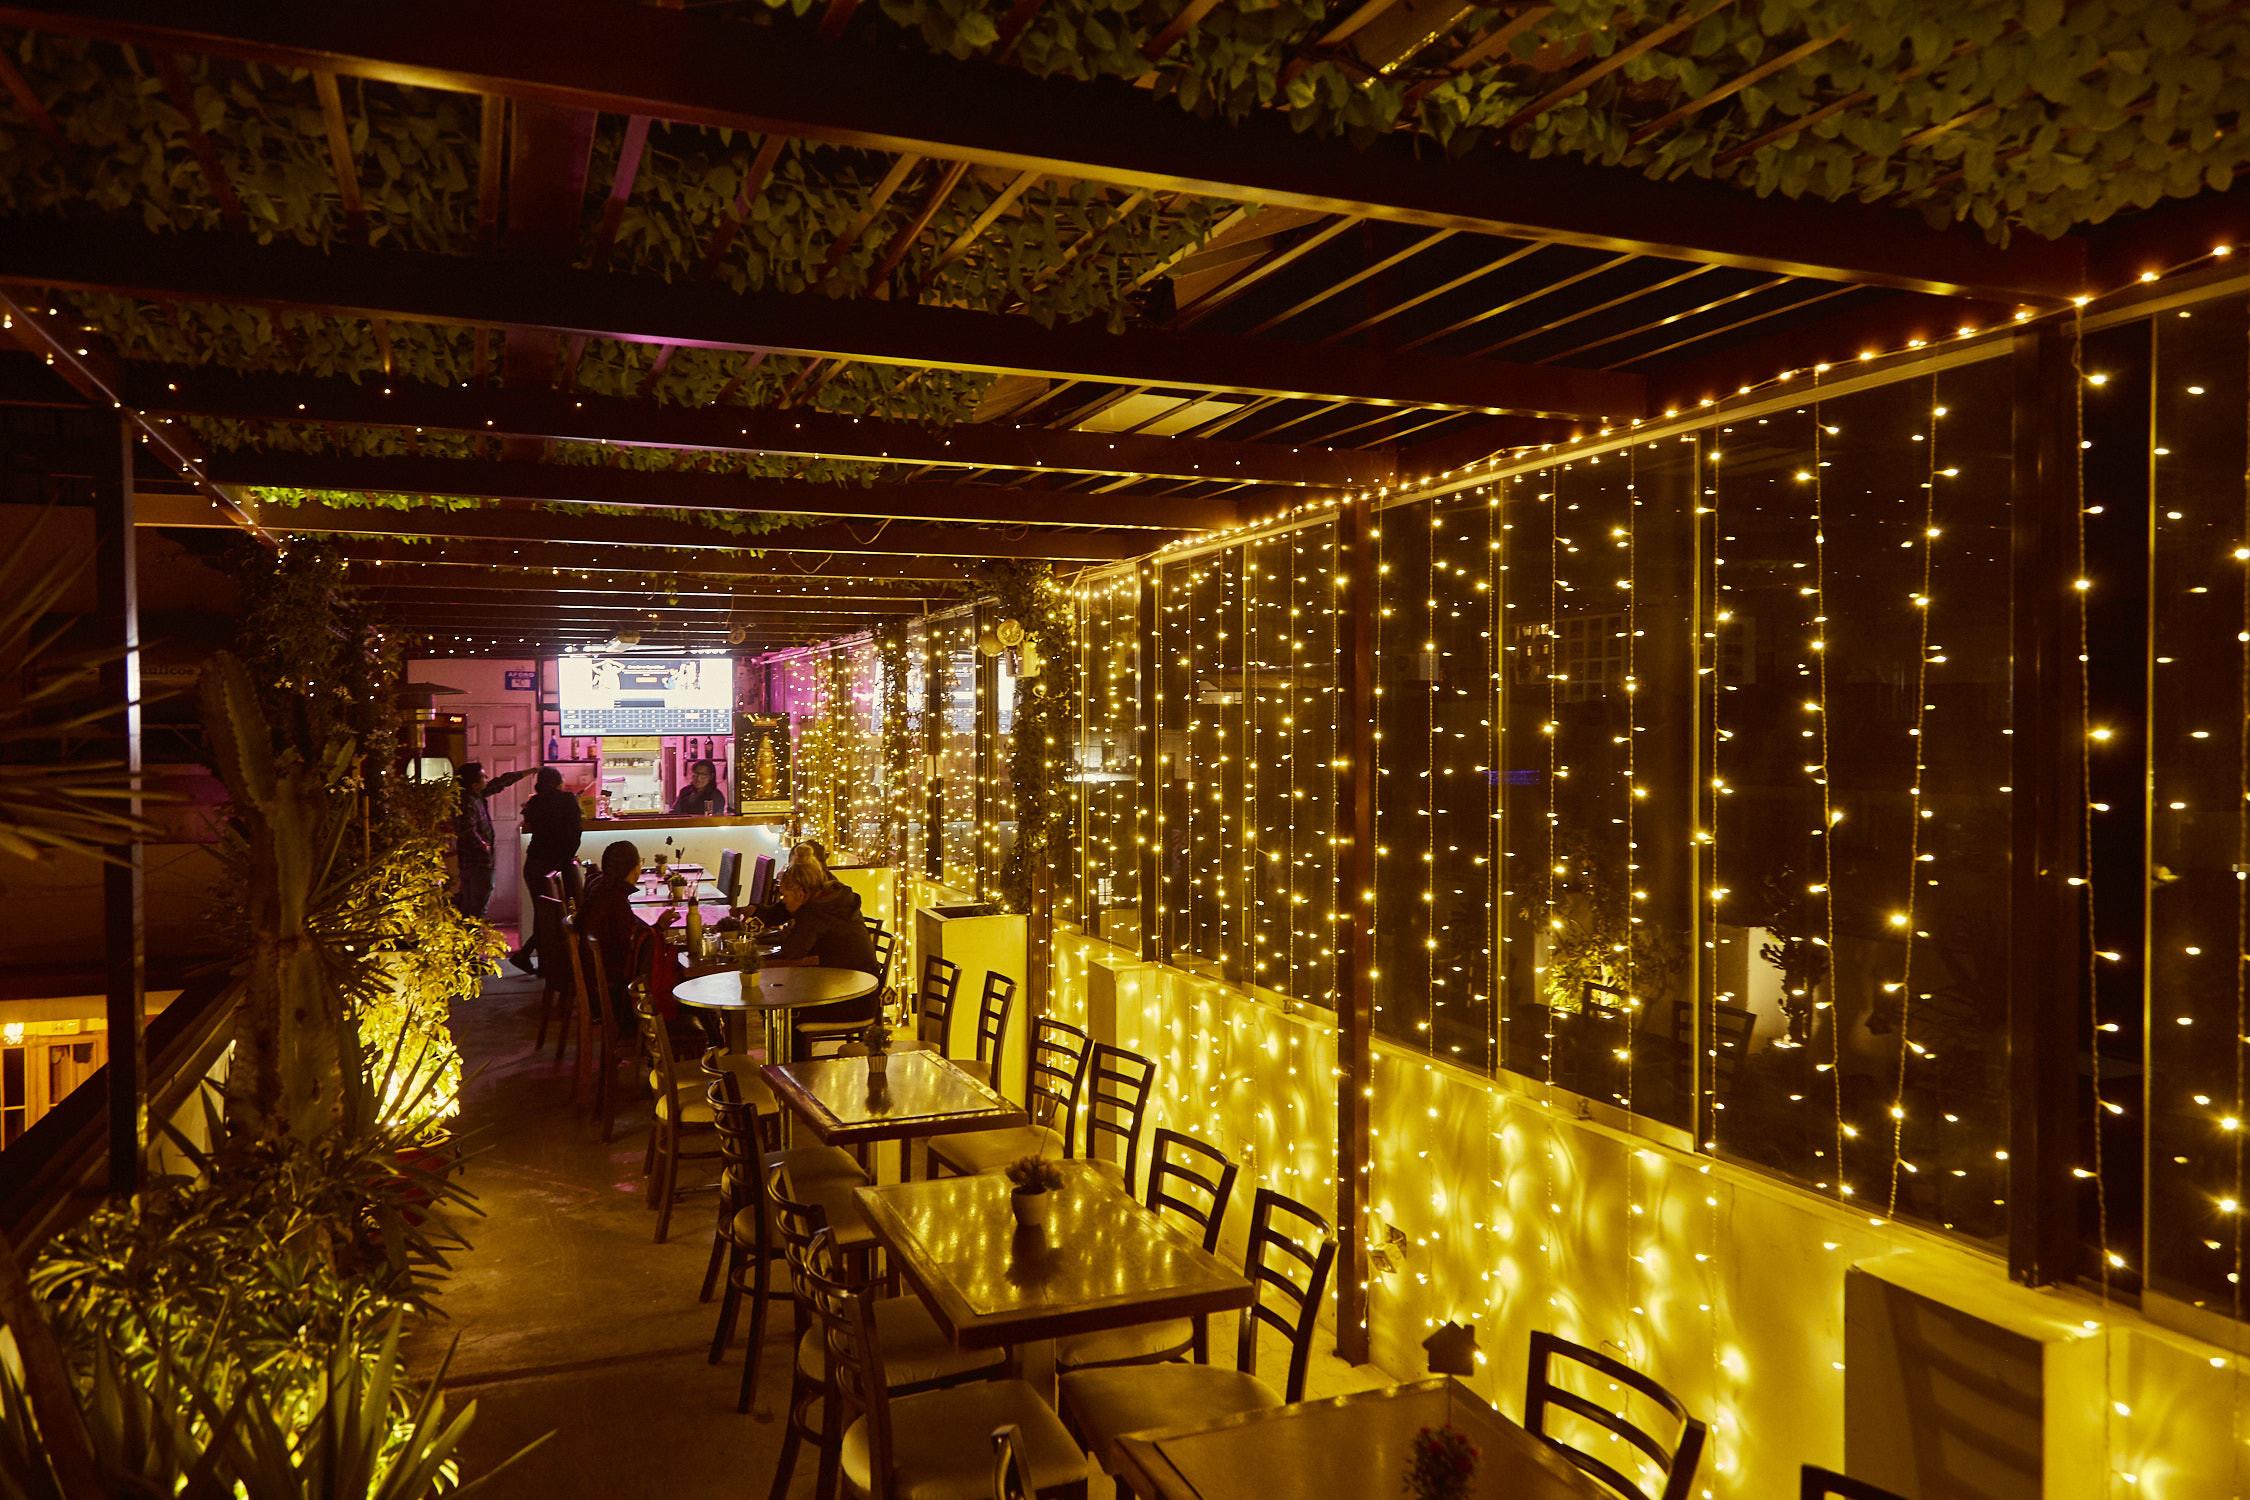 Die Rooftopbar in Arequipa, Peru, ist von lauter Lichterketten beleuchtet und bietet eine wirklich nette Atmosphäre